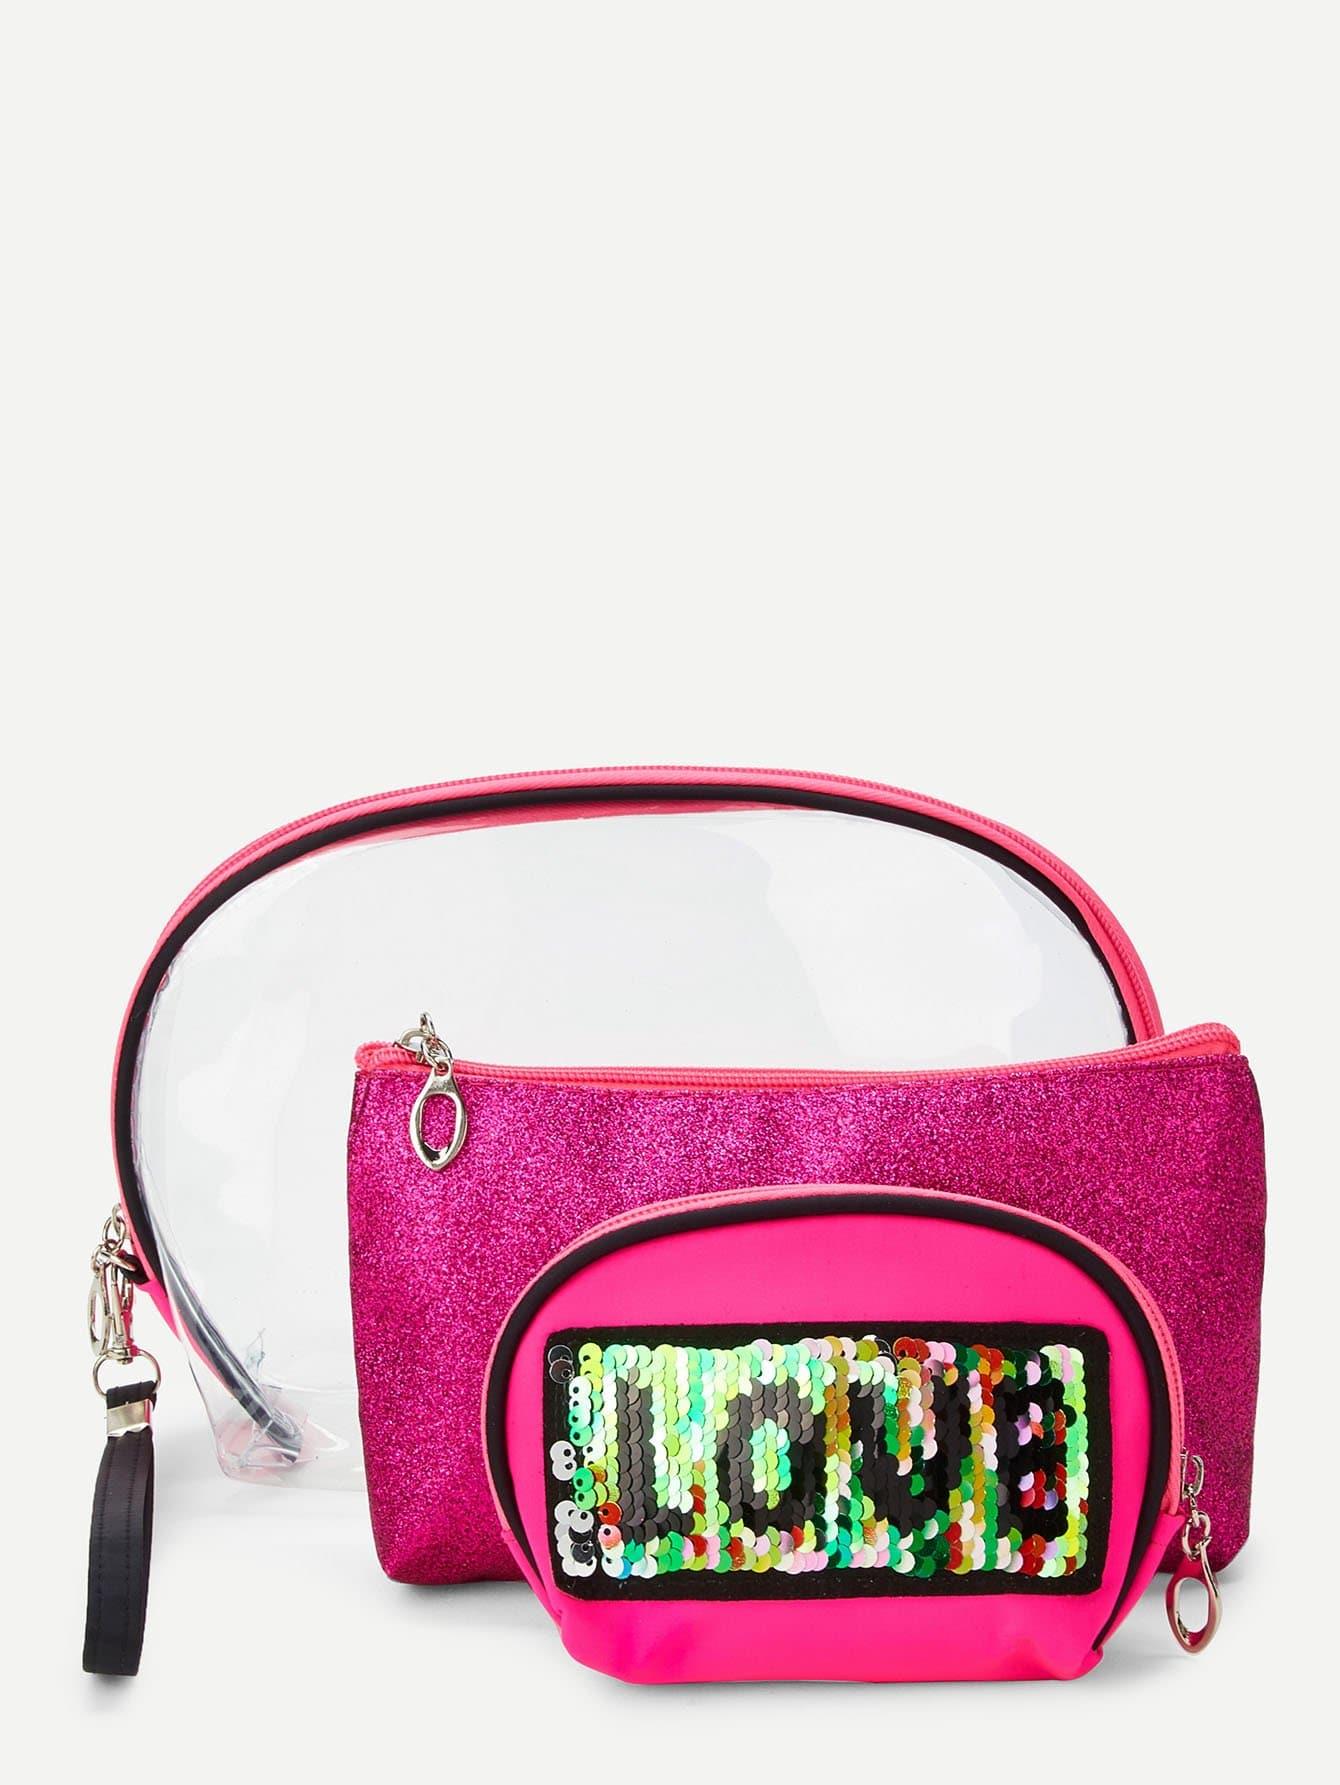 Купить Sequin украшенный сумка для макияжа 3шт., null, SheIn